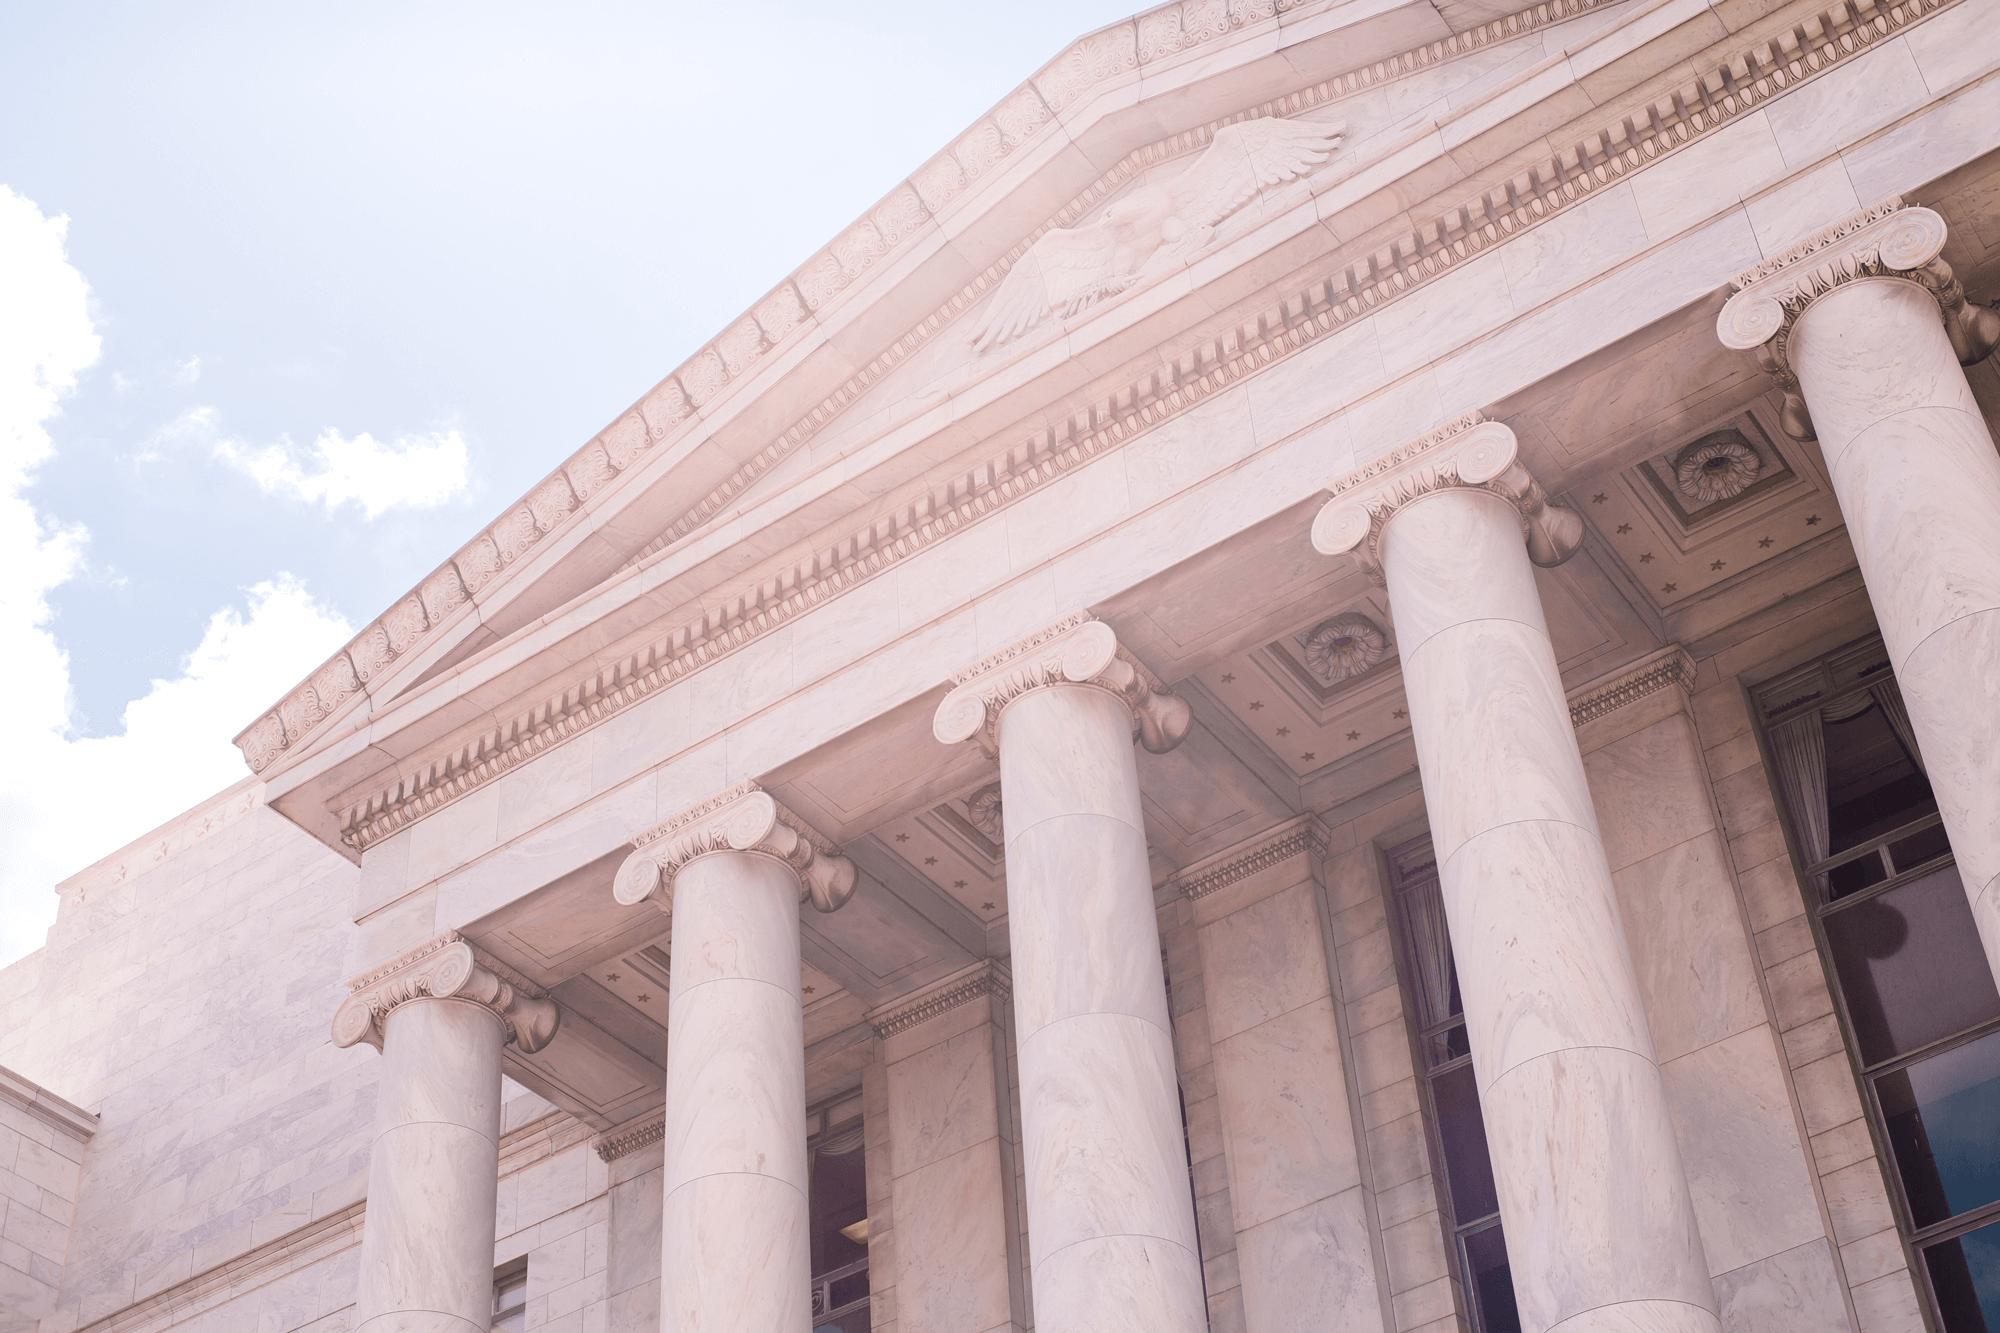 Handboek 'Sturen naar een intelligente overheid' - een vergaande digitale aanpak